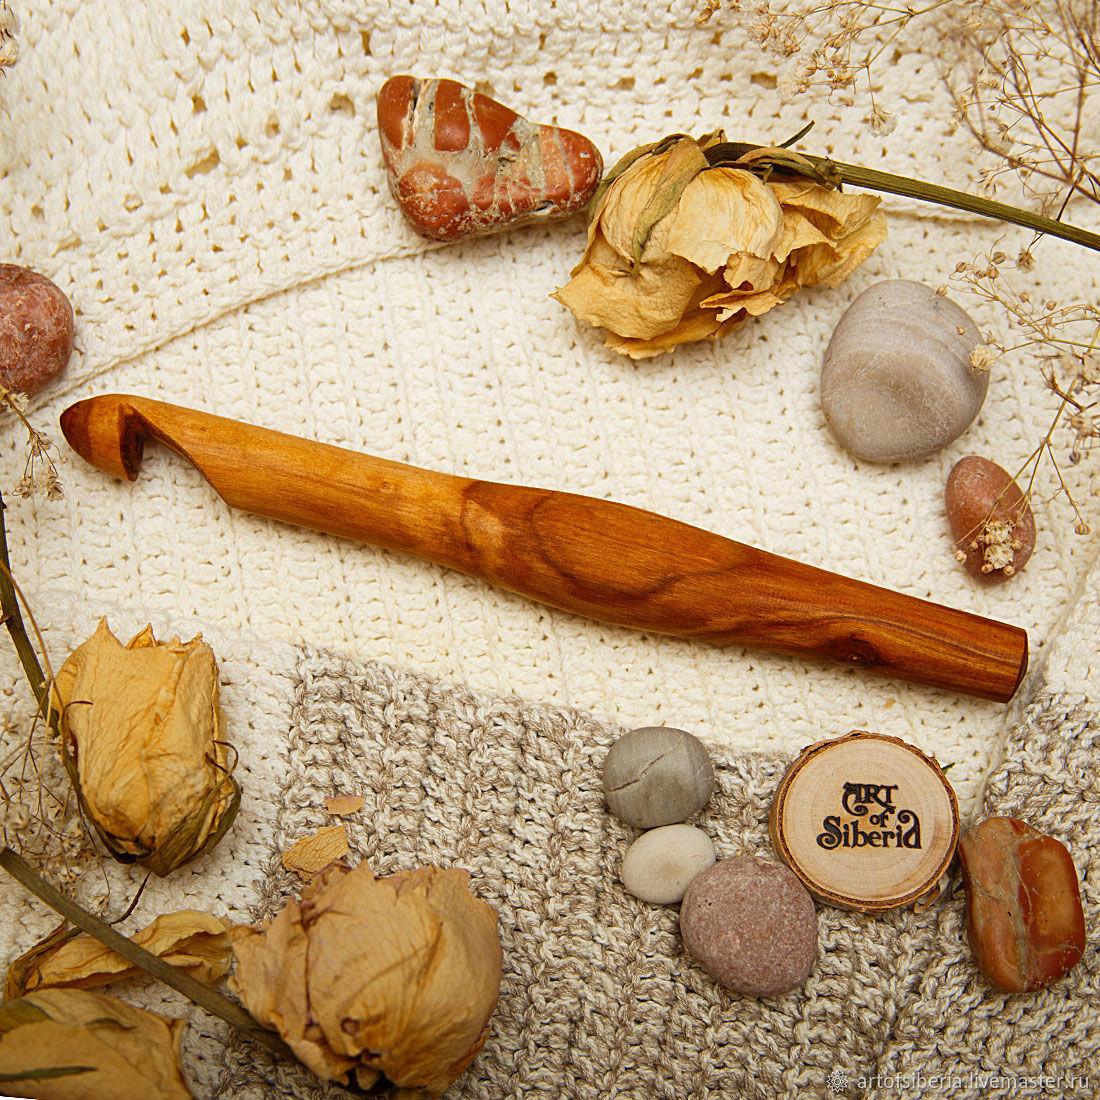 Деревянный Крючок для вязания 16 мм Вишня Крючки из дерева #K61, Инструменты для вязания, Новокузнецк, Фото №1